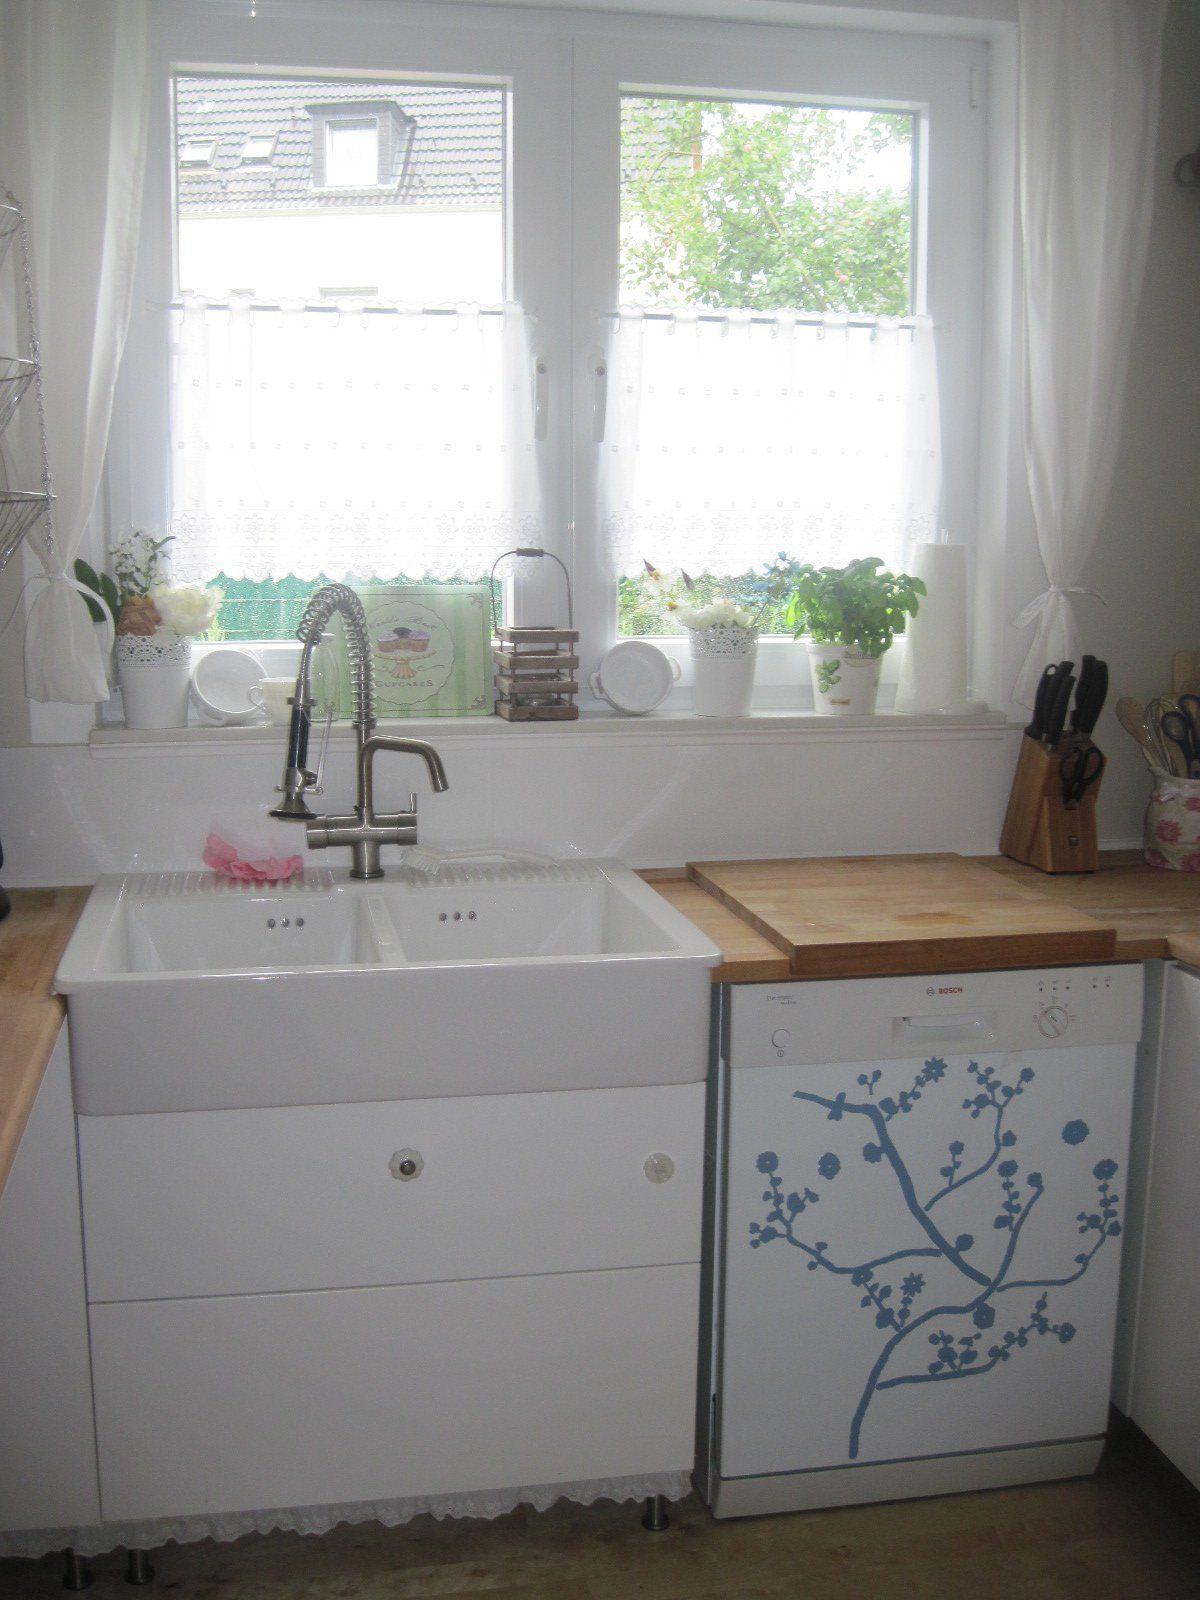 Meine geliebte Keramikspüle von Ikea :-). | Küche | Pinterest | Neue ...